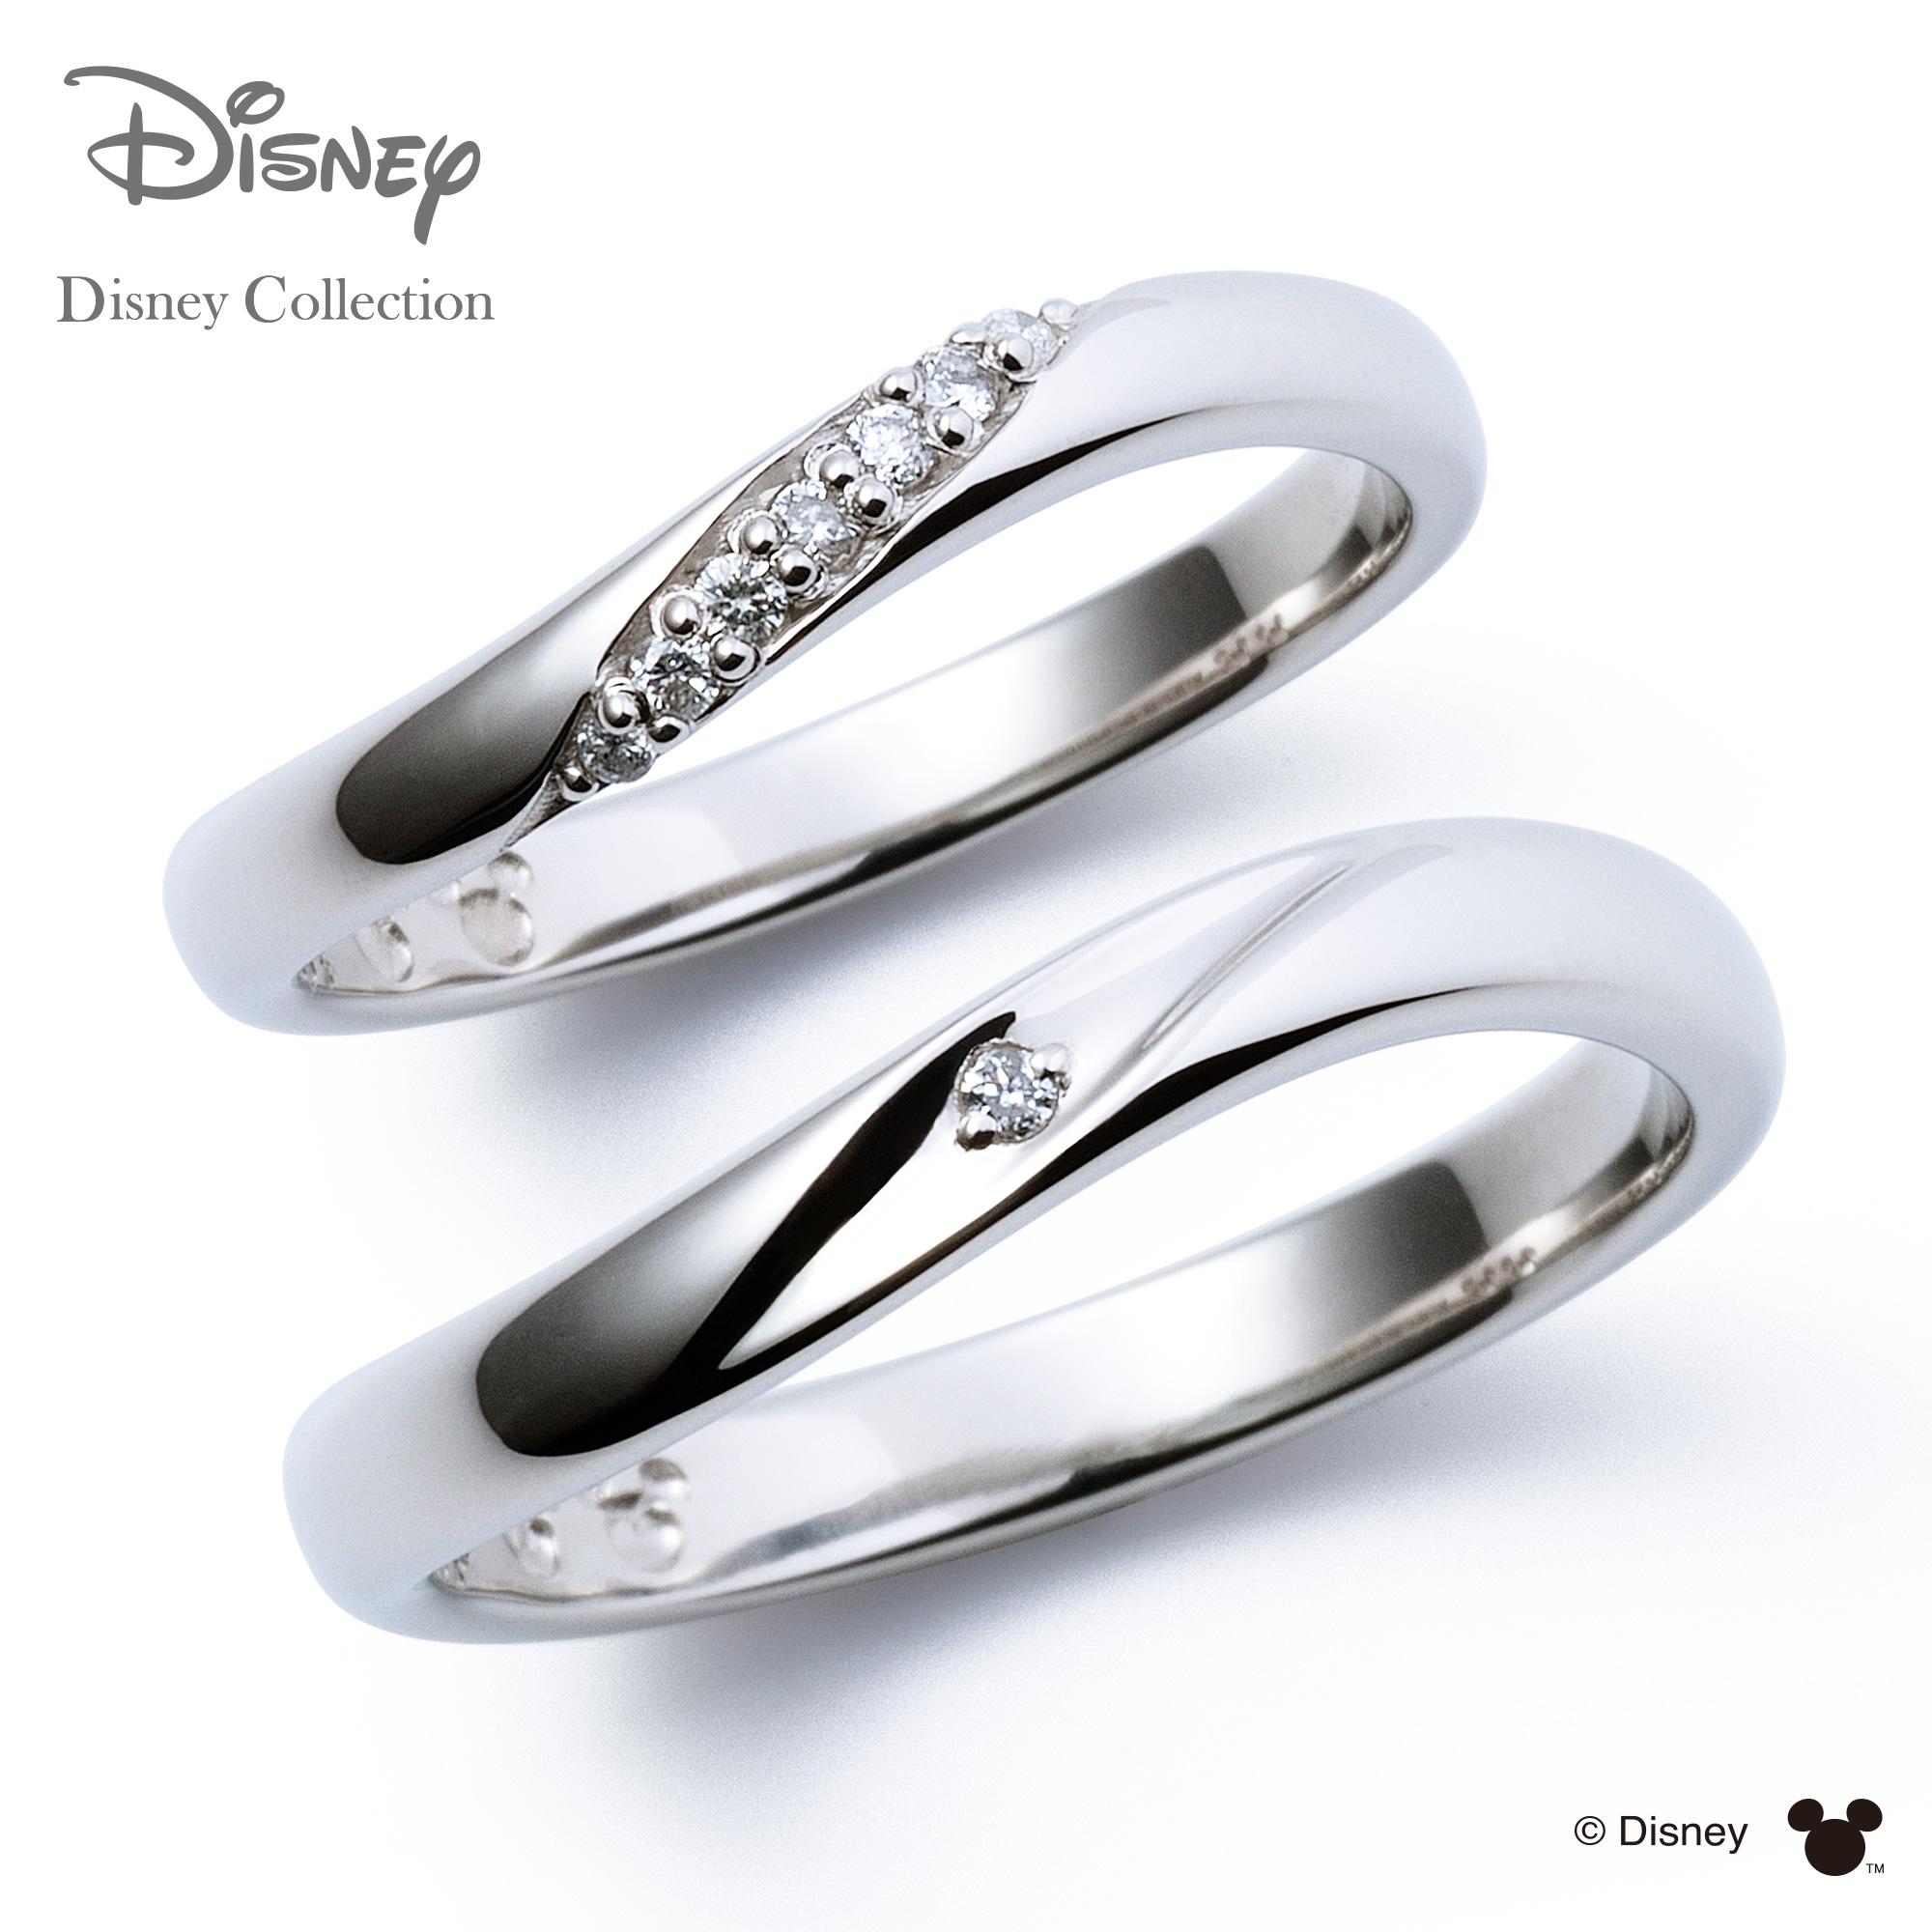 刻印可_14文字 ディズニーコレクション ディズニー プラチナ マリッジ リング 結婚指輪 隠れミッキーマウス ペアリング THE KISS ザキッス リング 指輪 DI-7061117011-7061117021 セット シンプル 男性 女性 2個ペア